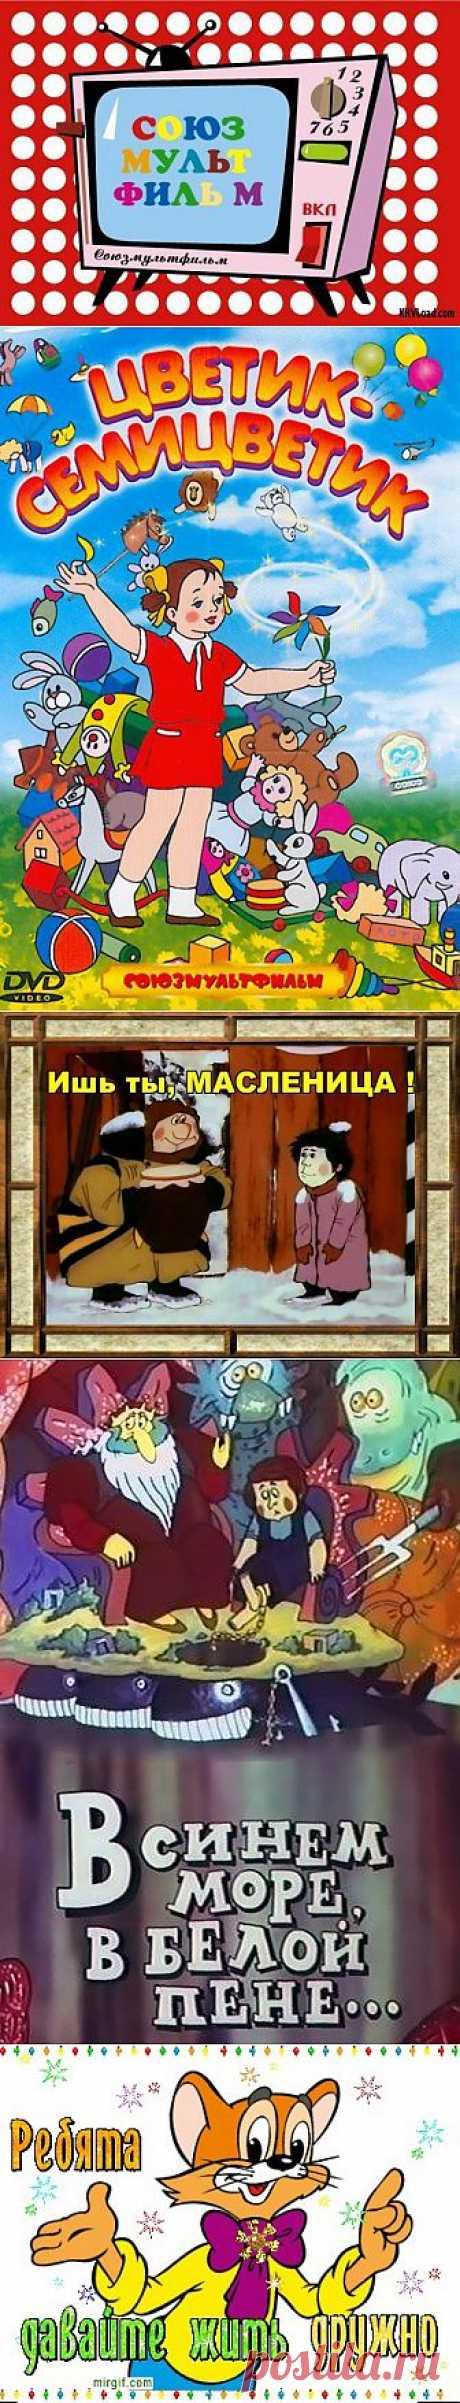 Мультфильмы, давно минувших лет! / Назад в СССР